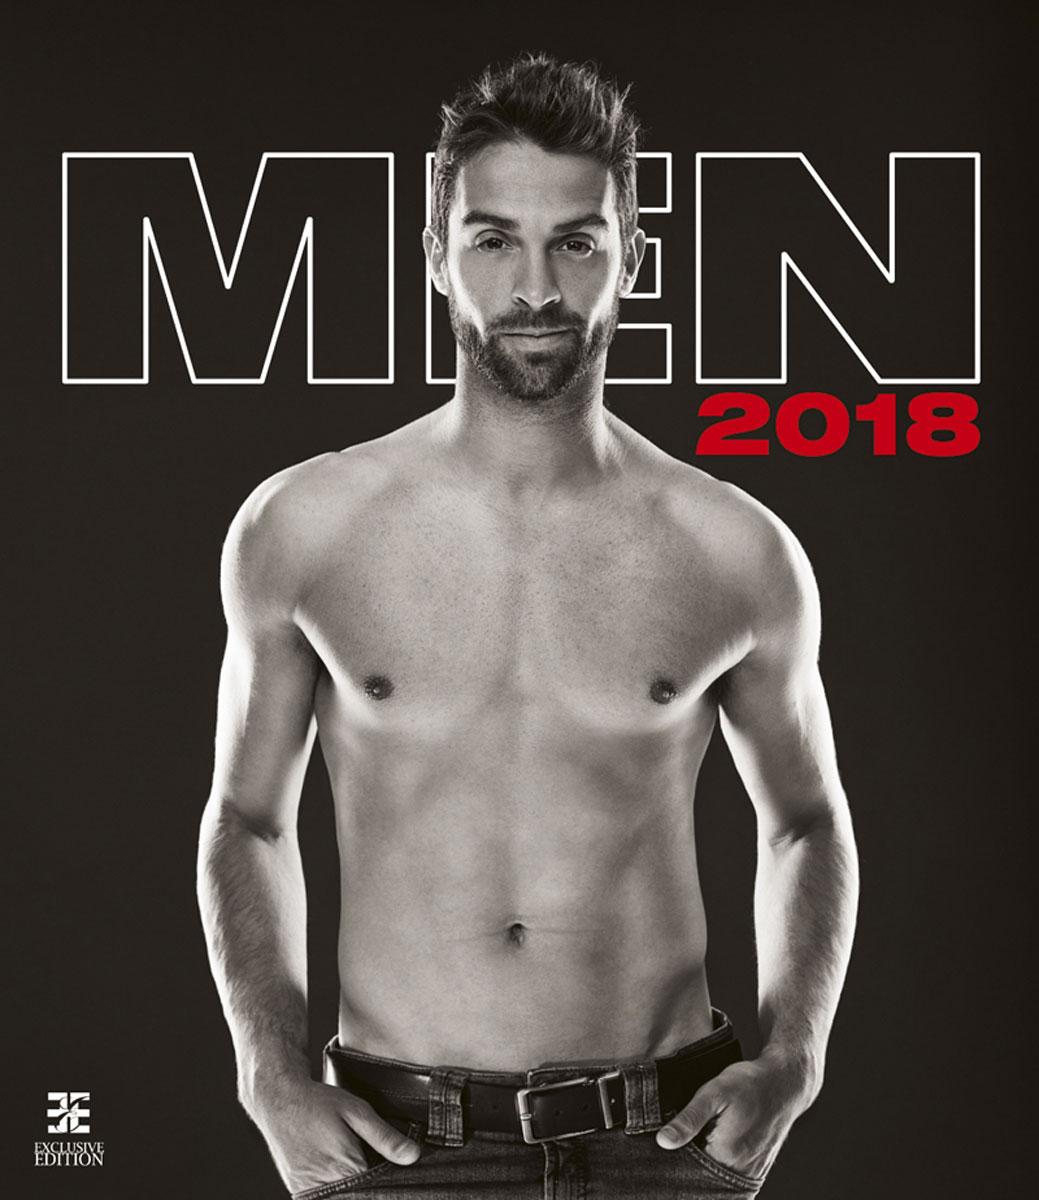 muzhchini-eroticheskiy-kalendar